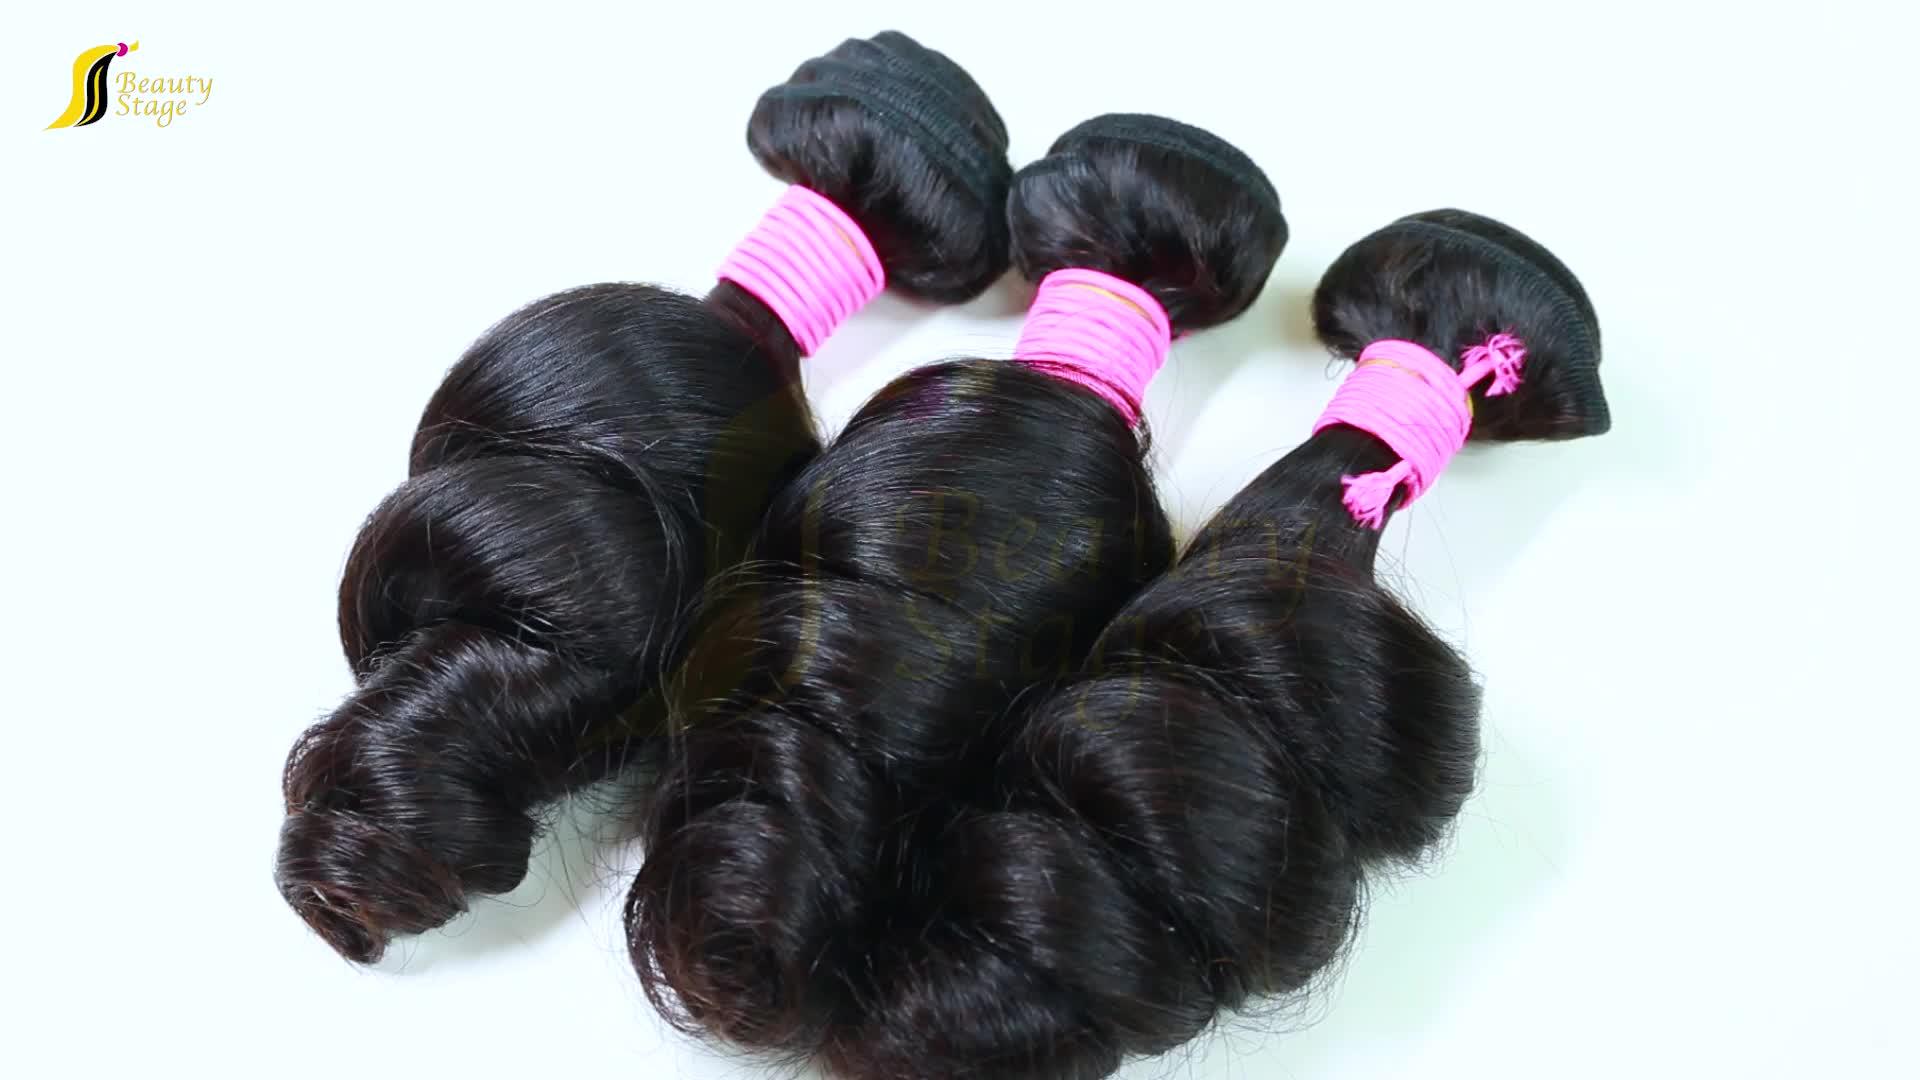 Kabeilu ruwe cambodjaanse haar onverwerkte, raw virgin remy haar cambodjaanse menselijk haar leveranciers, 10a grade haarproducten voor zwarte vrouwen